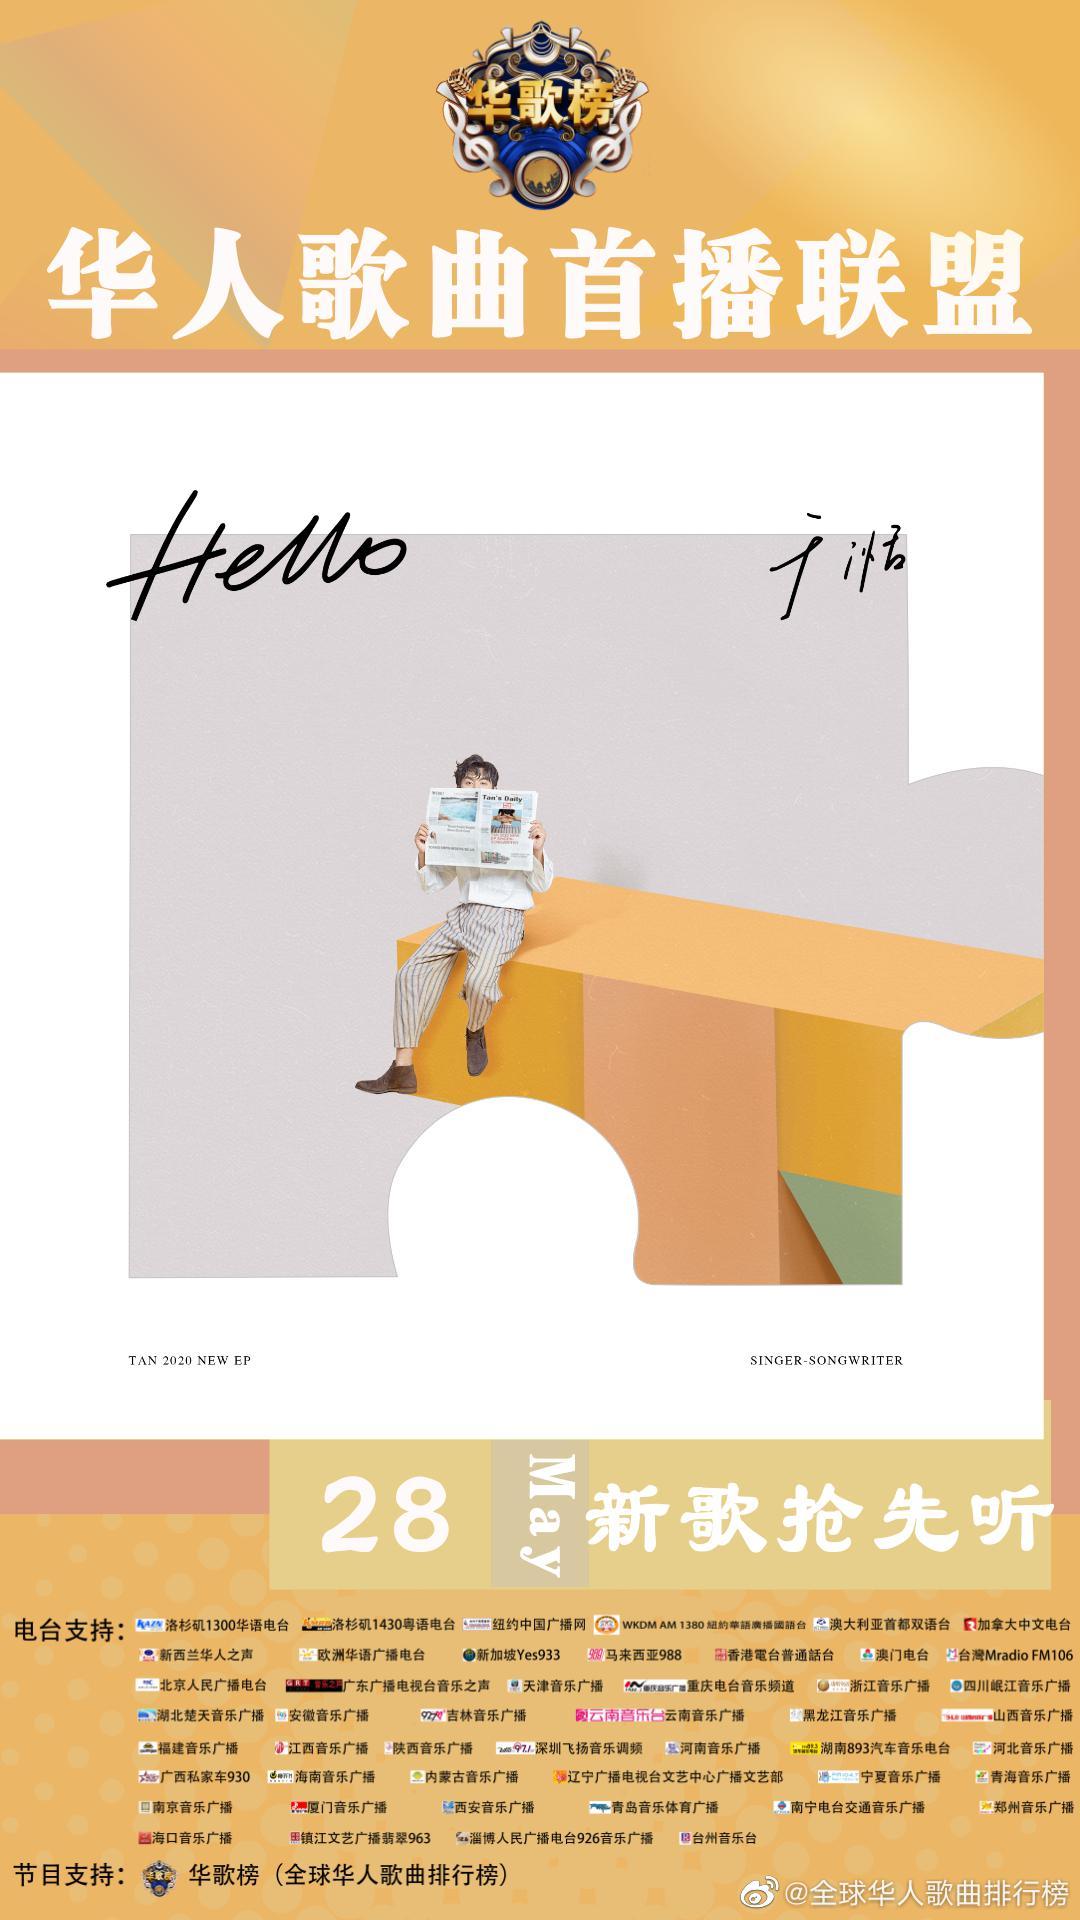 新歌抢先听 @于湉 全新EP先行曲《Hello 》今日全球抢先听!